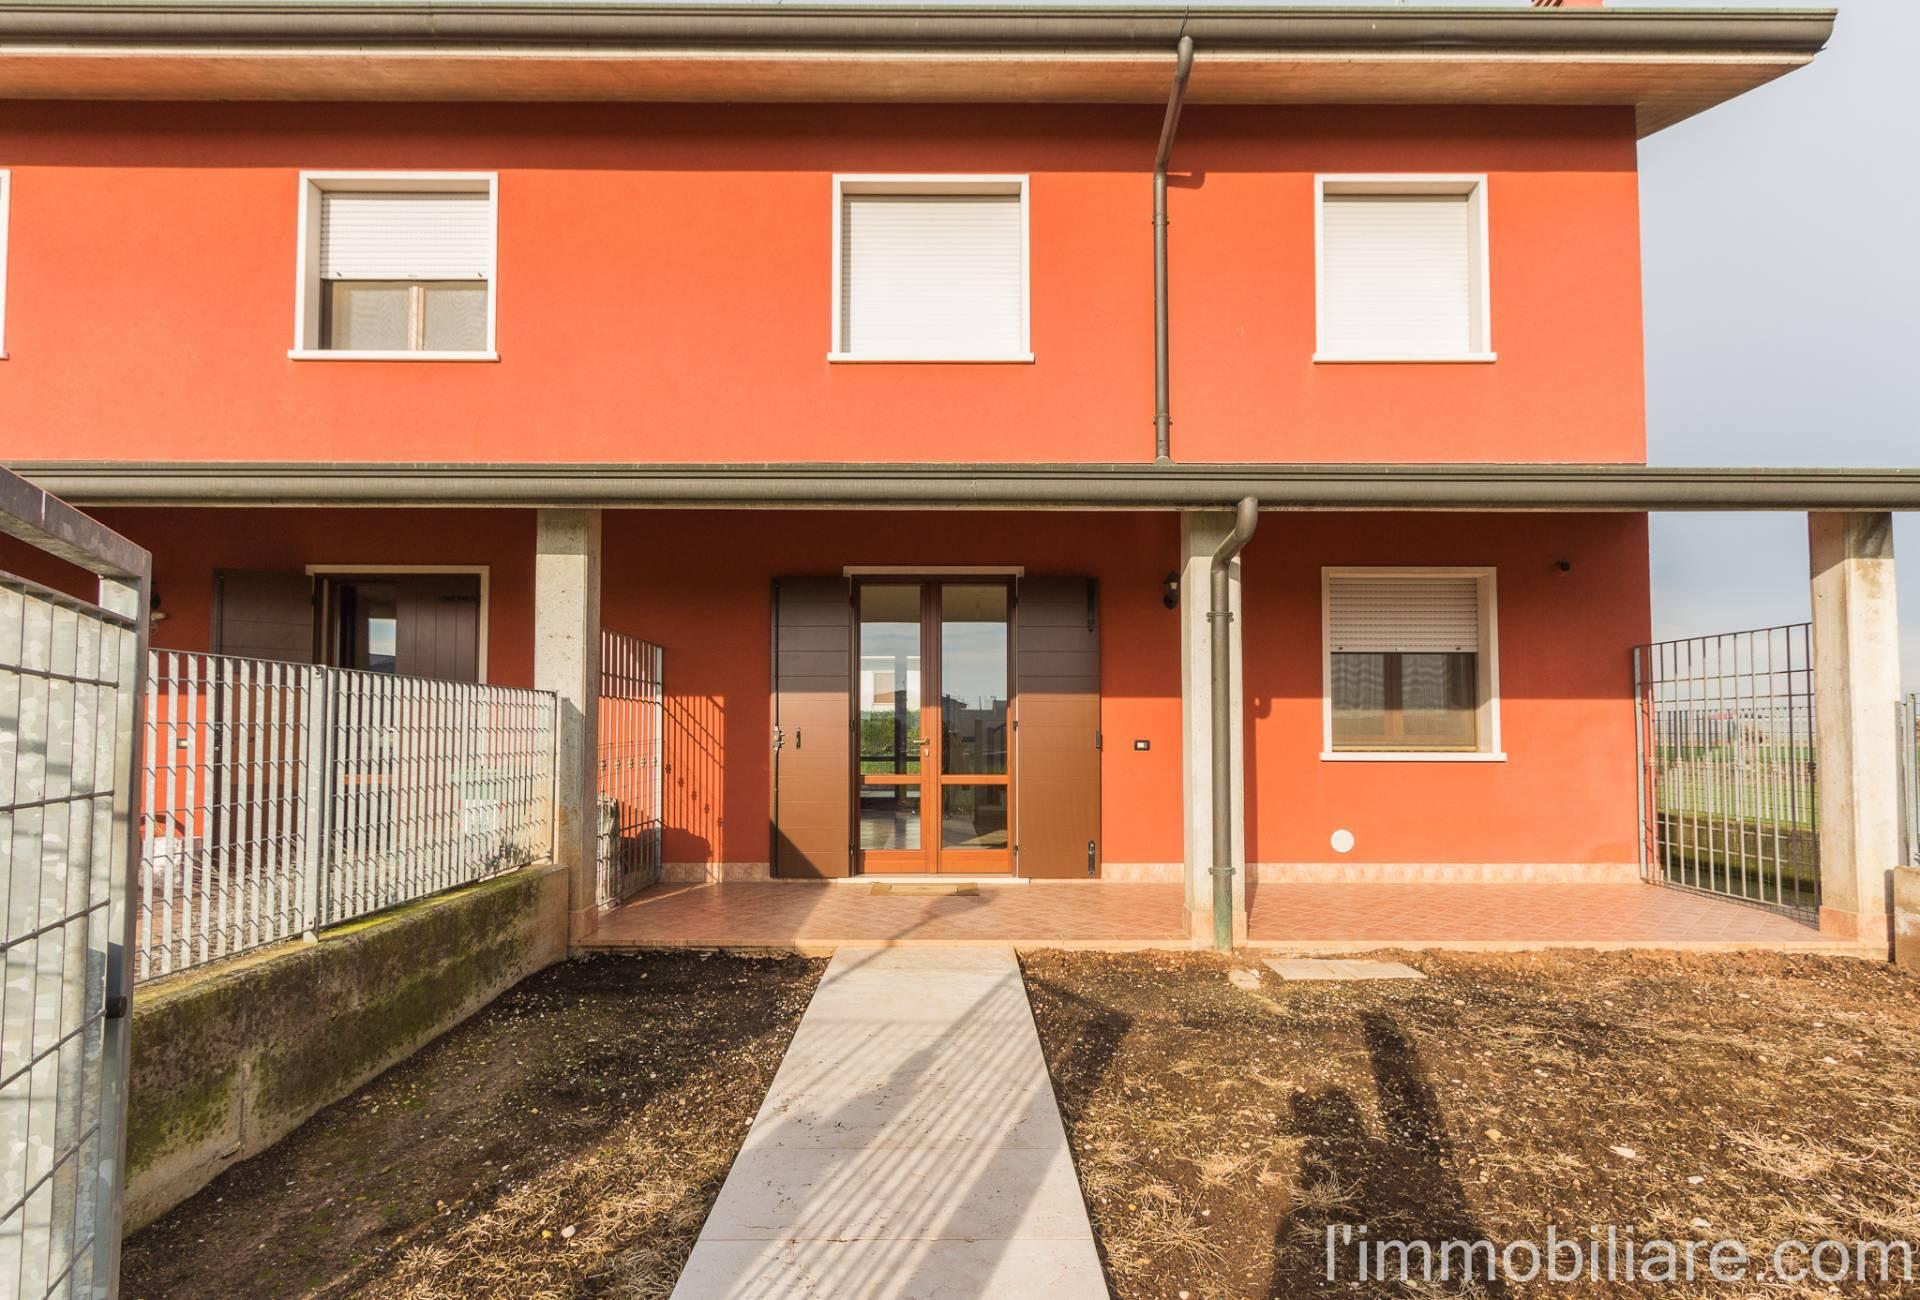 Villa a Schiera in vendita a Mozzecane, 4 locali, zona Zona: Quistello, prezzo € 149.000 | CambioCasa.it